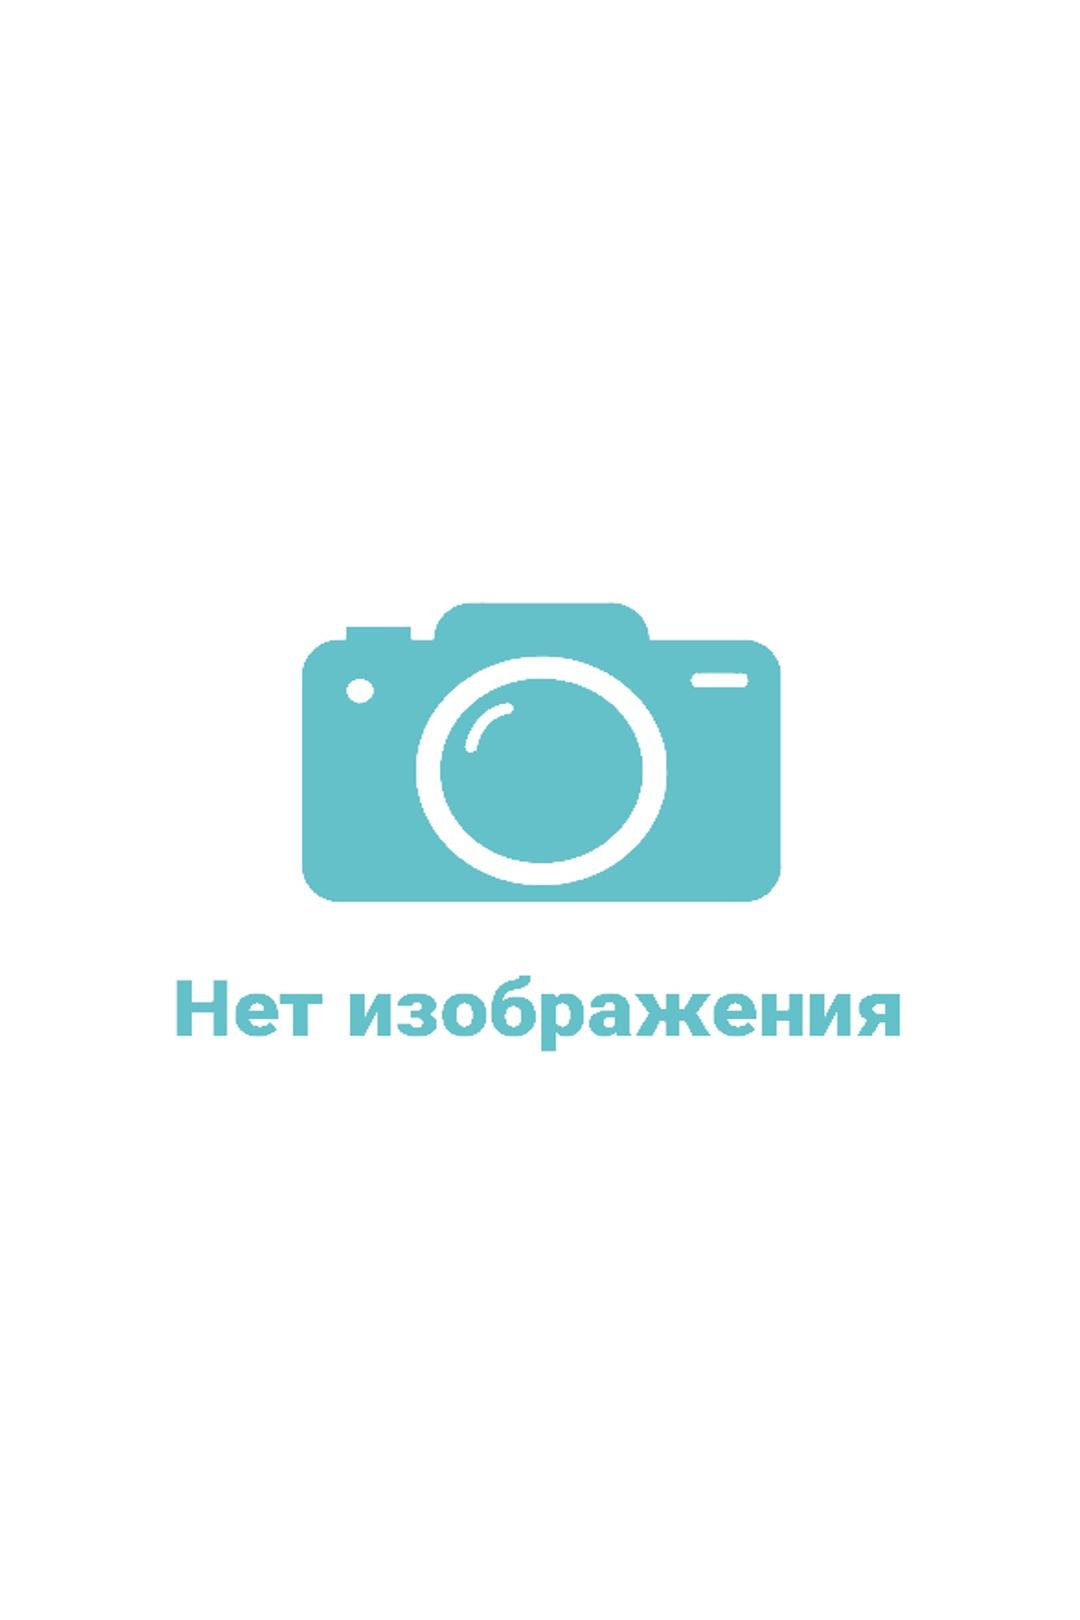 Врач невролог Корнеева Екатерина Борисовна